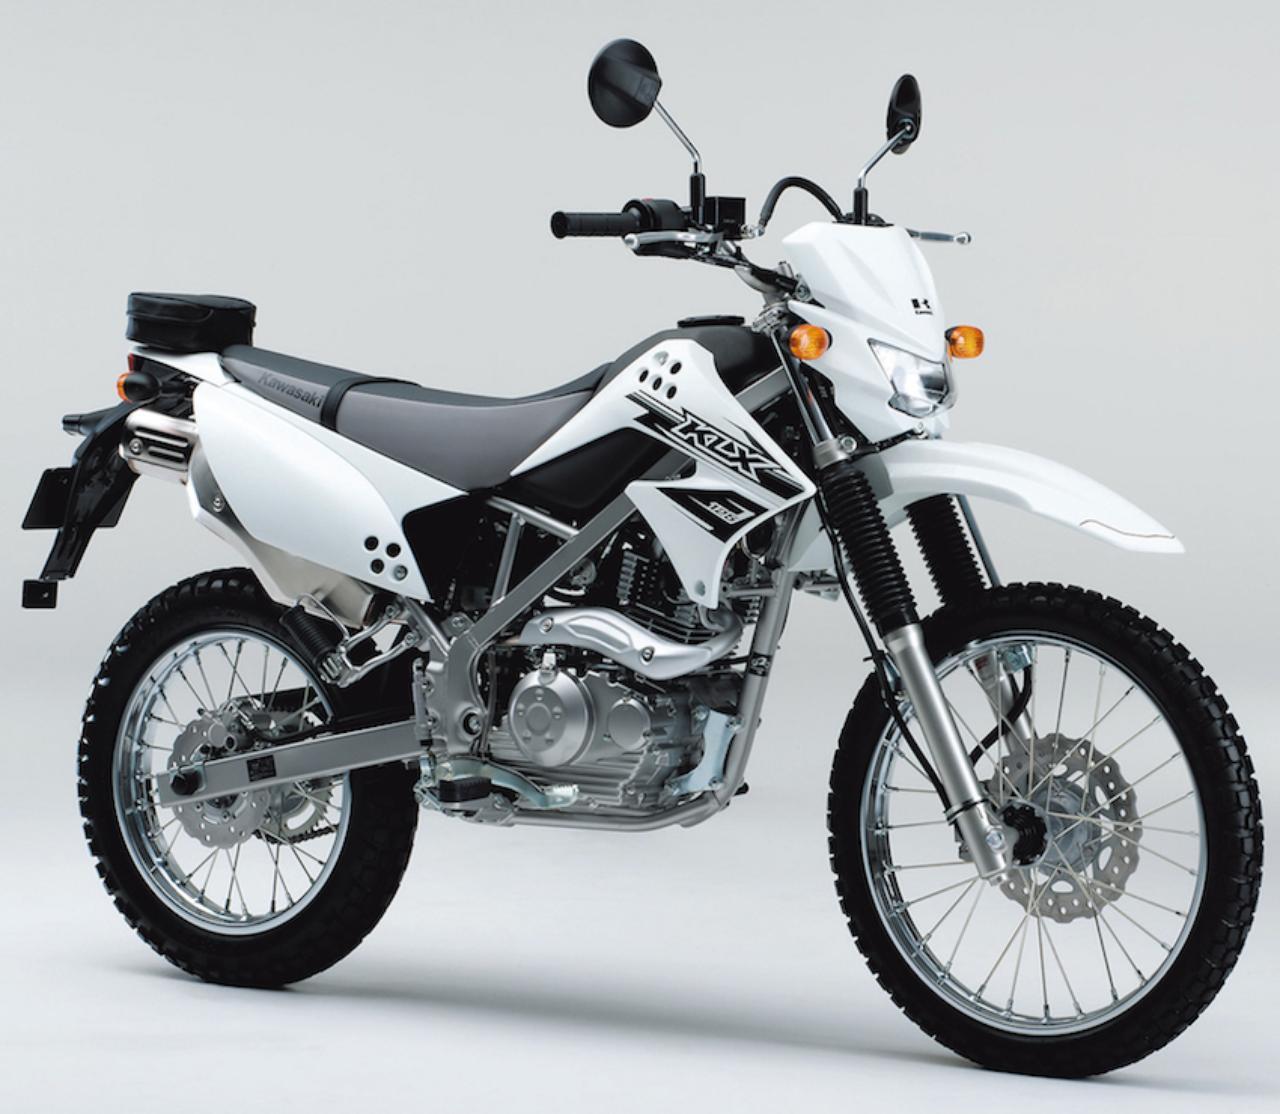 画像: K028 KAWASAKI KLX125 ■価格:34万8840円 現在国内向けモデルとしては唯一の125ccオフロードモデル。軽量な車体と124cc空冷単気筒エンジンとの組み合わせによって、気軽にオフロード走行を楽しめる。